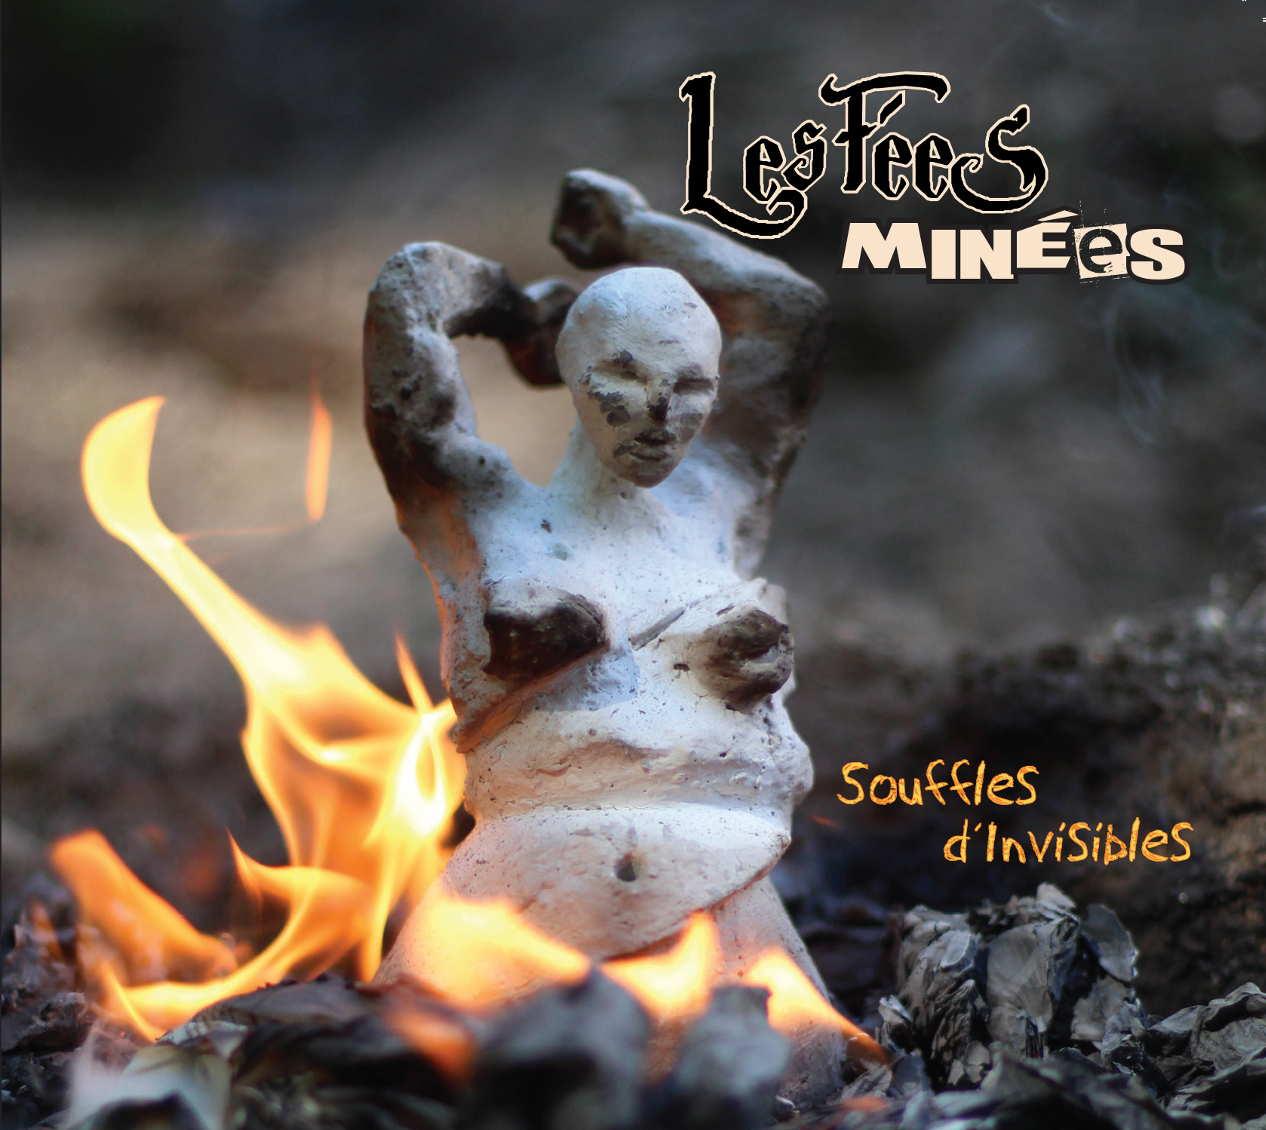 pochette dernier album les fees minees souffles d'invisibles